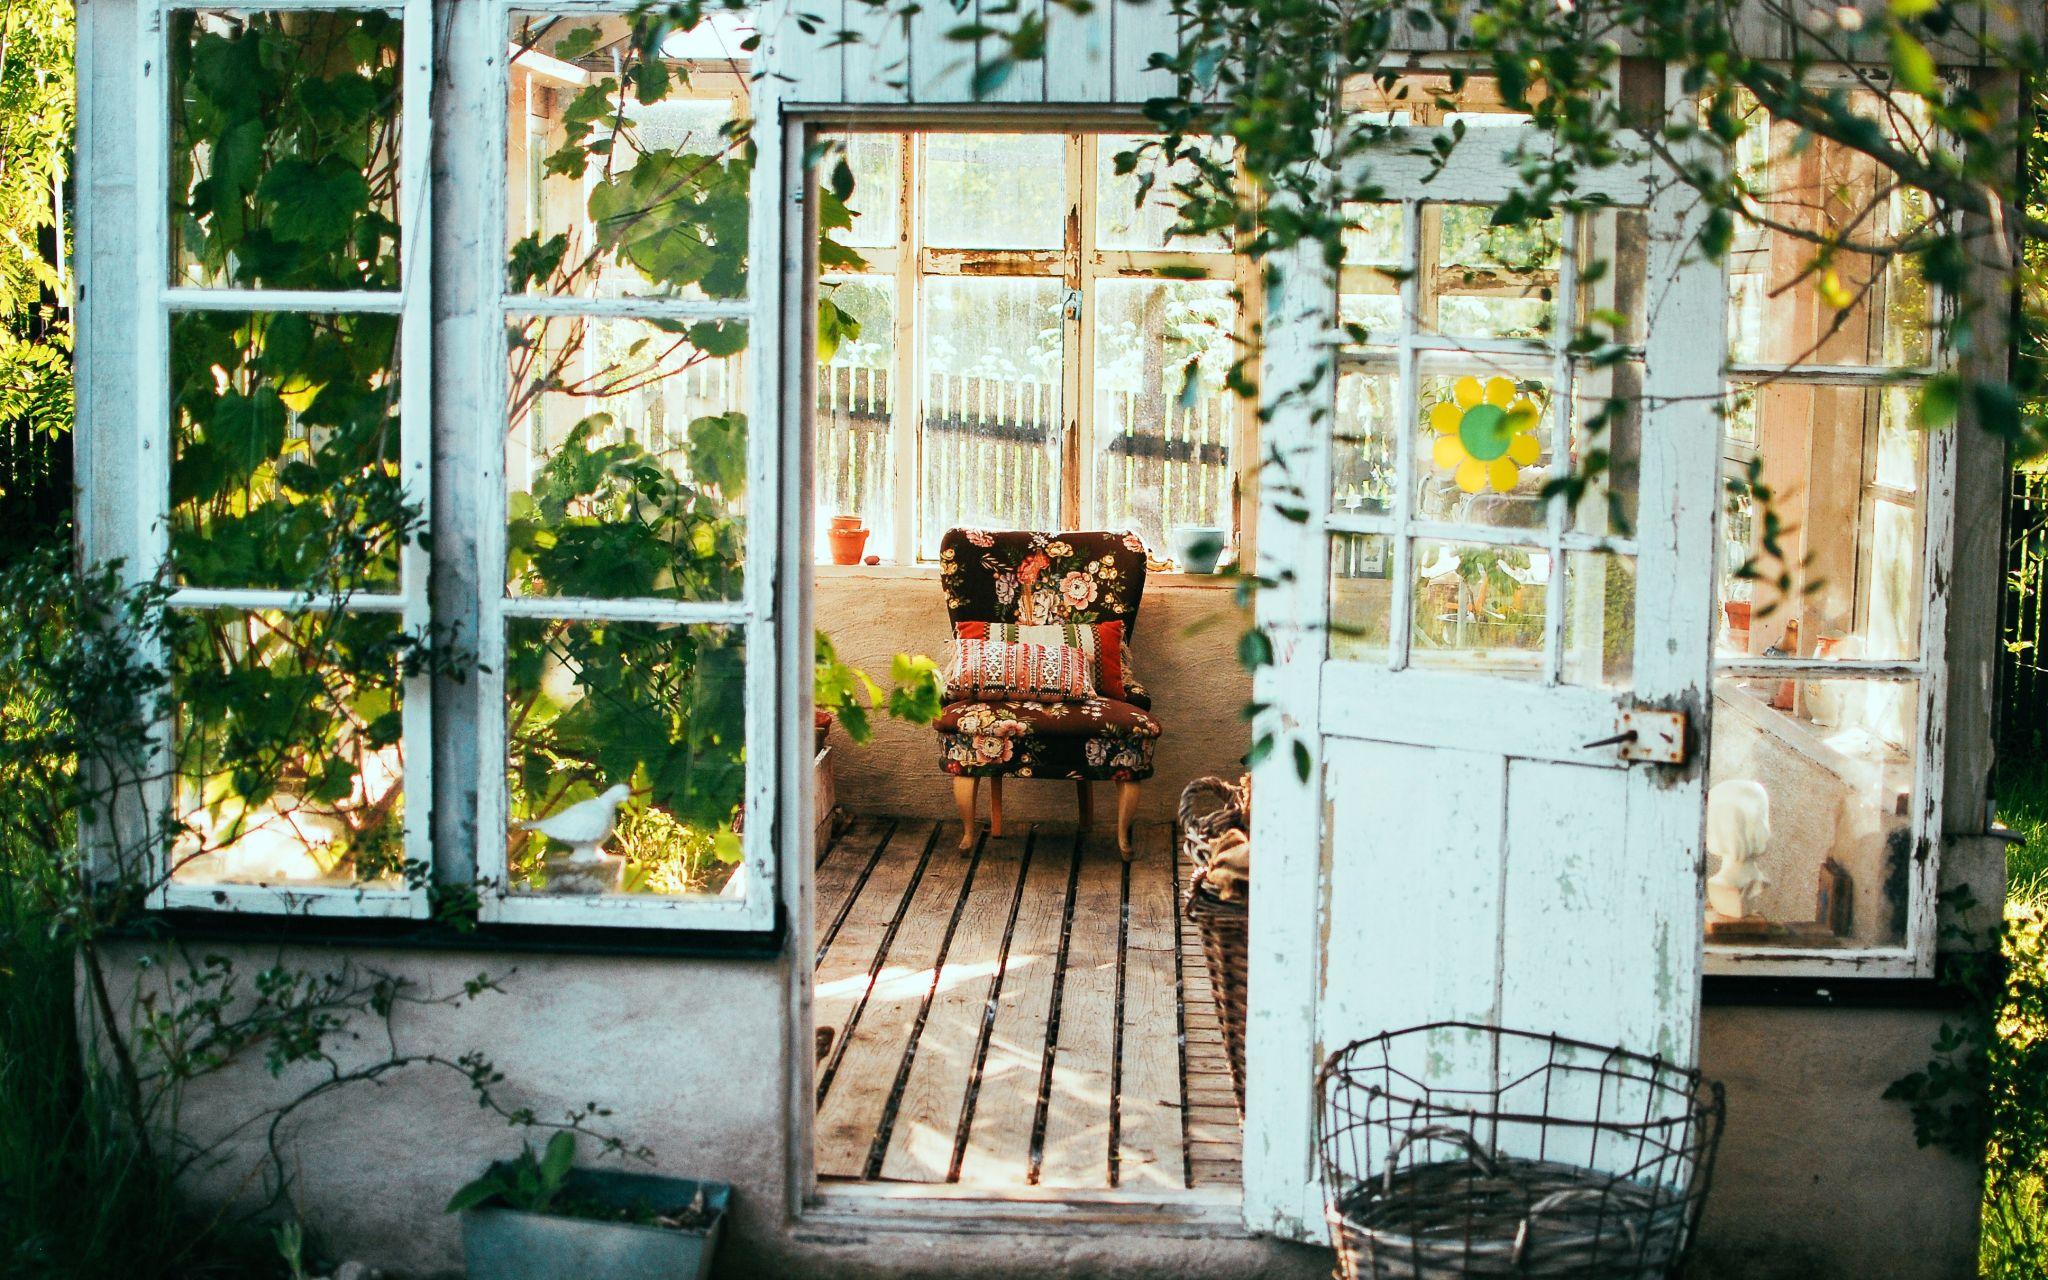 garden home image